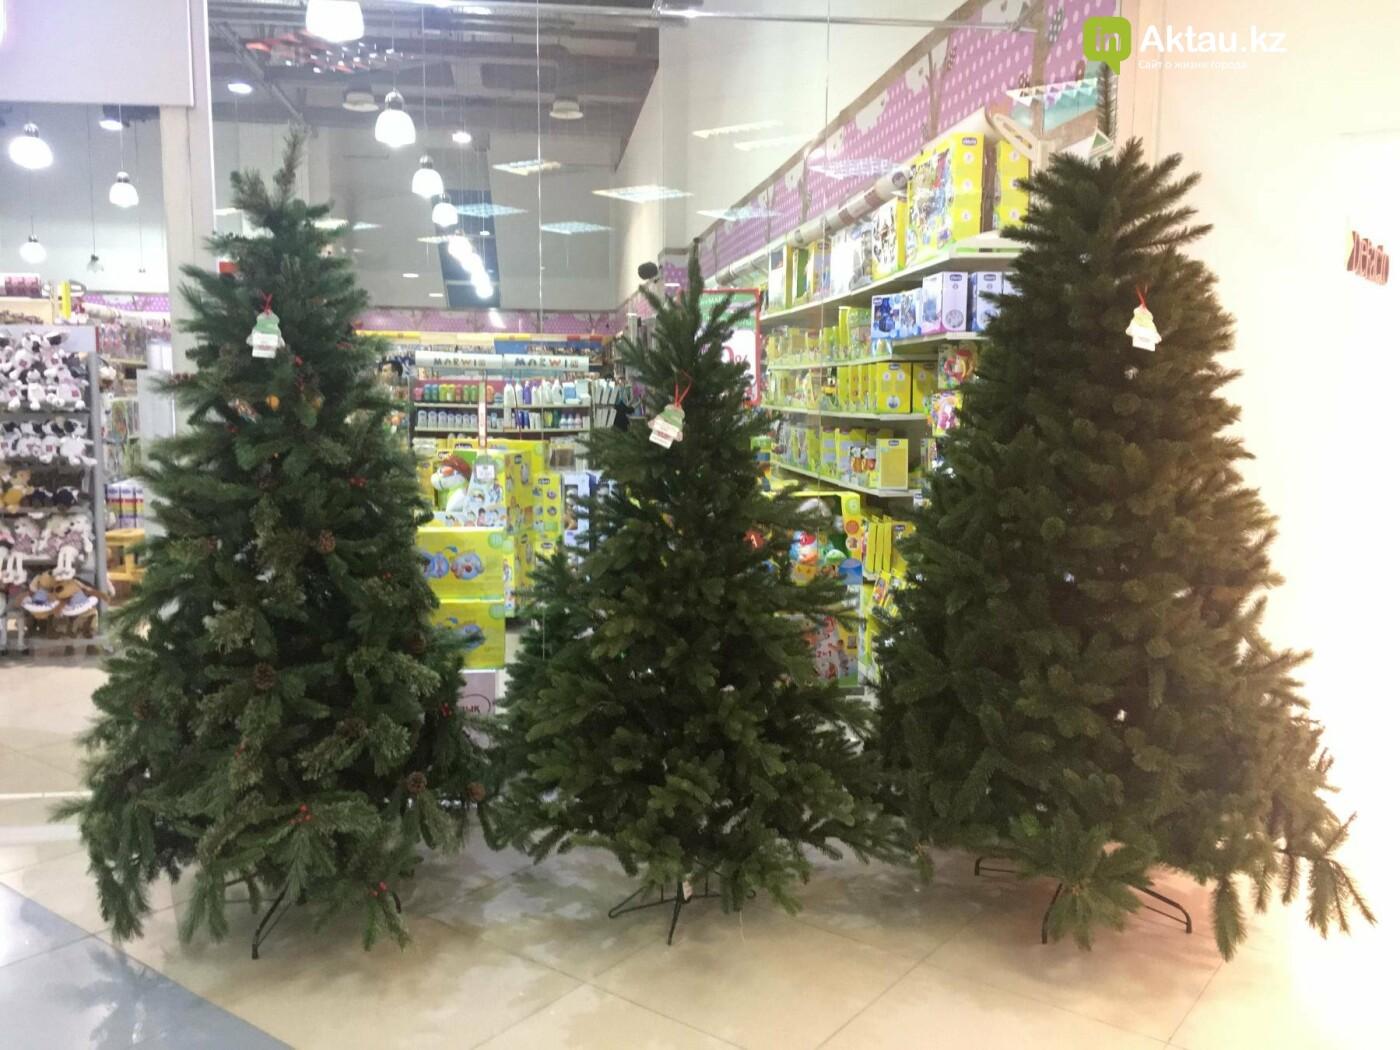 Гид по елкам: Где в Актау купить красивую и недорогую искусственную ель расскажет ИнАктау, фото-21